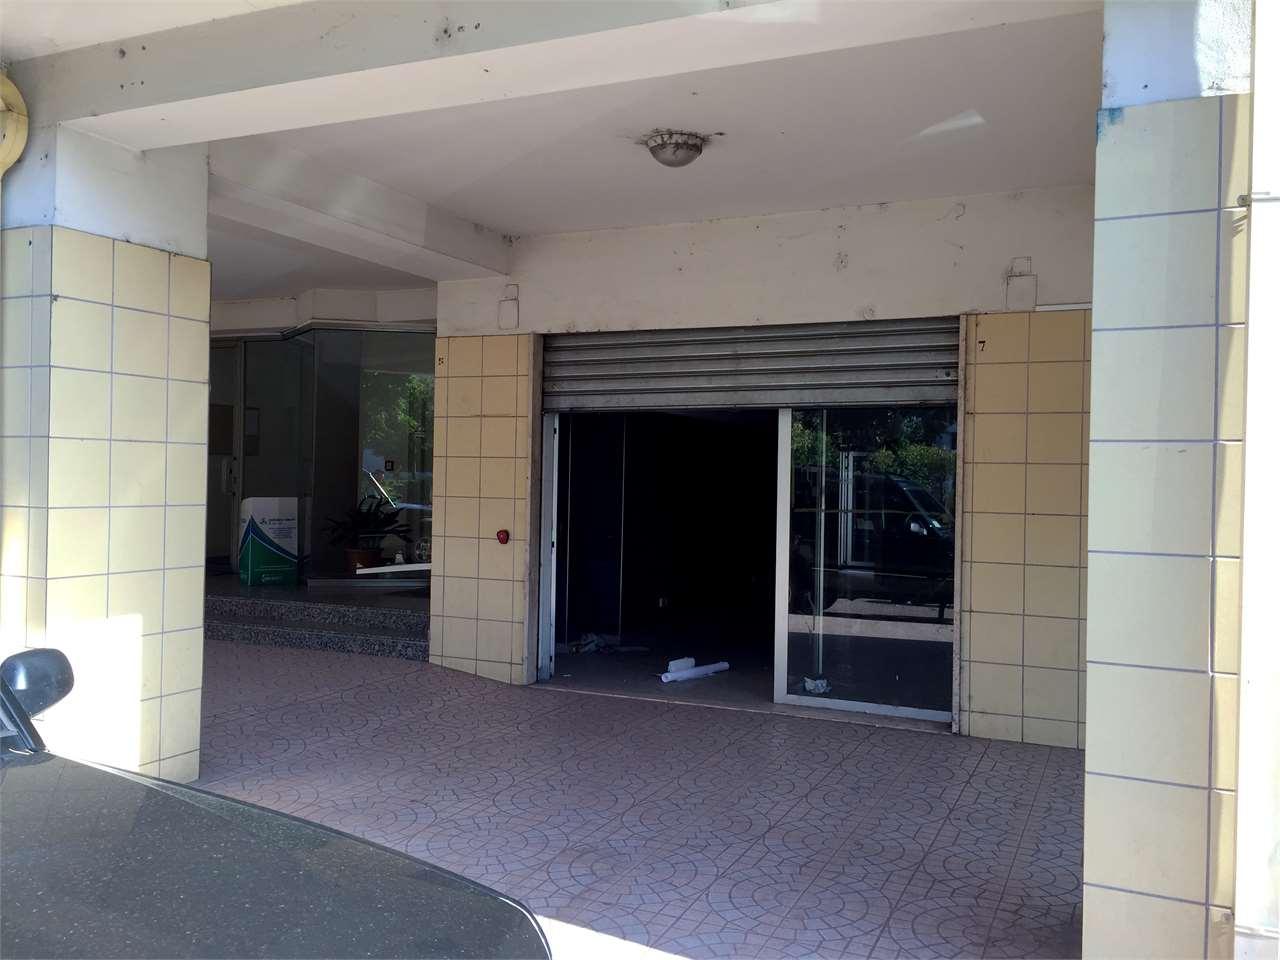 Magazzino in vendita a Rende, 9999 locali, zona Zona: Quattromiglia, prezzo € 160.000 | Cambio Casa.it